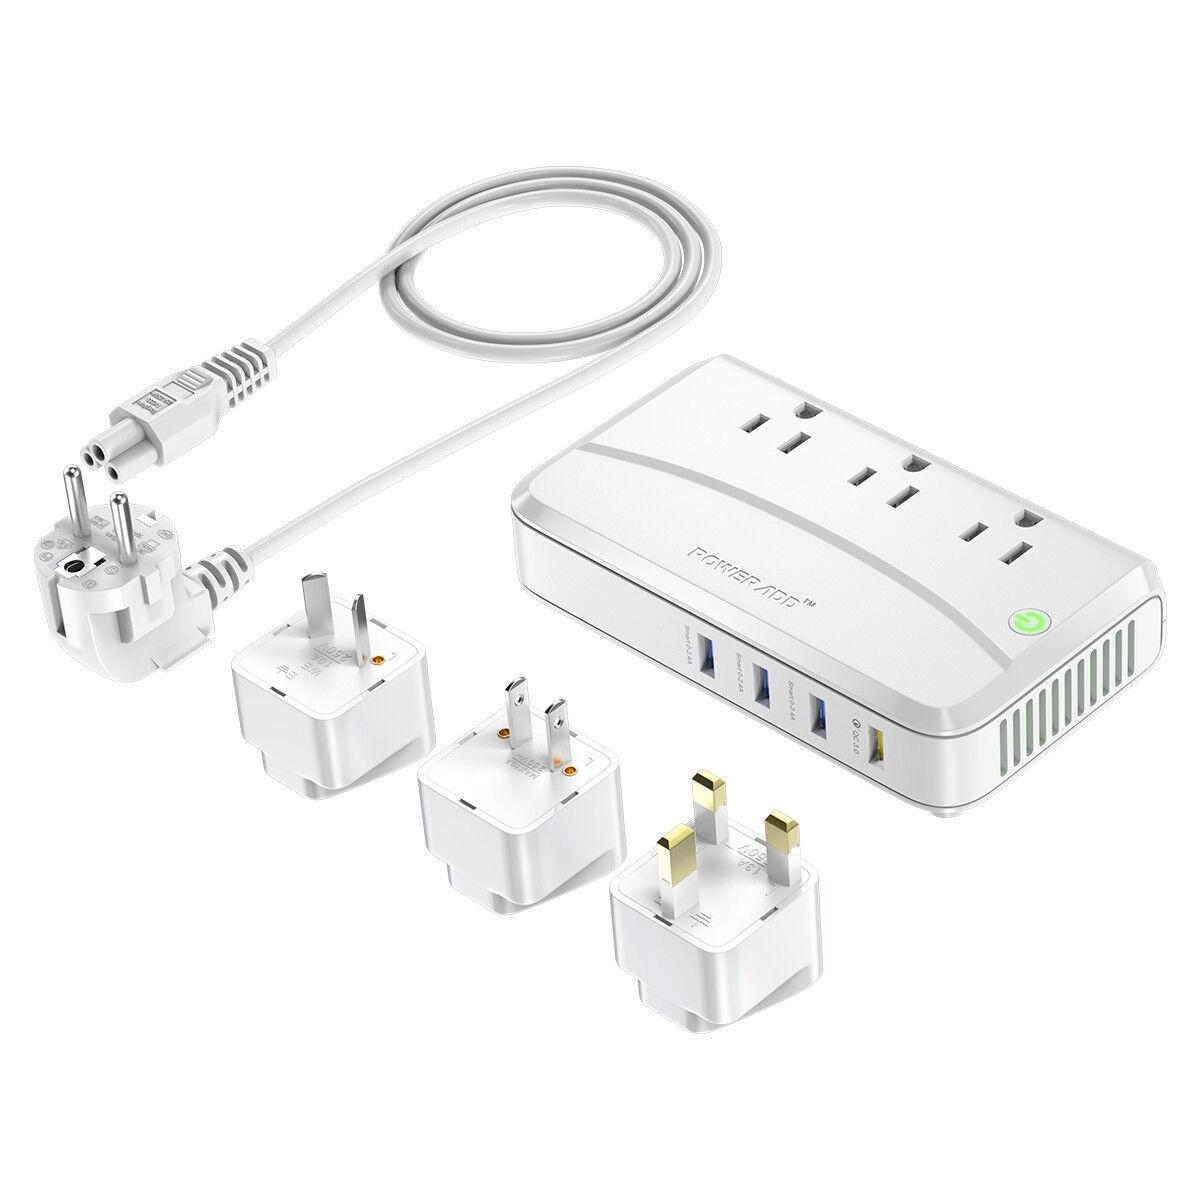 Poweradd 220V to 110V Travel Voltage Converter Adapter Inter